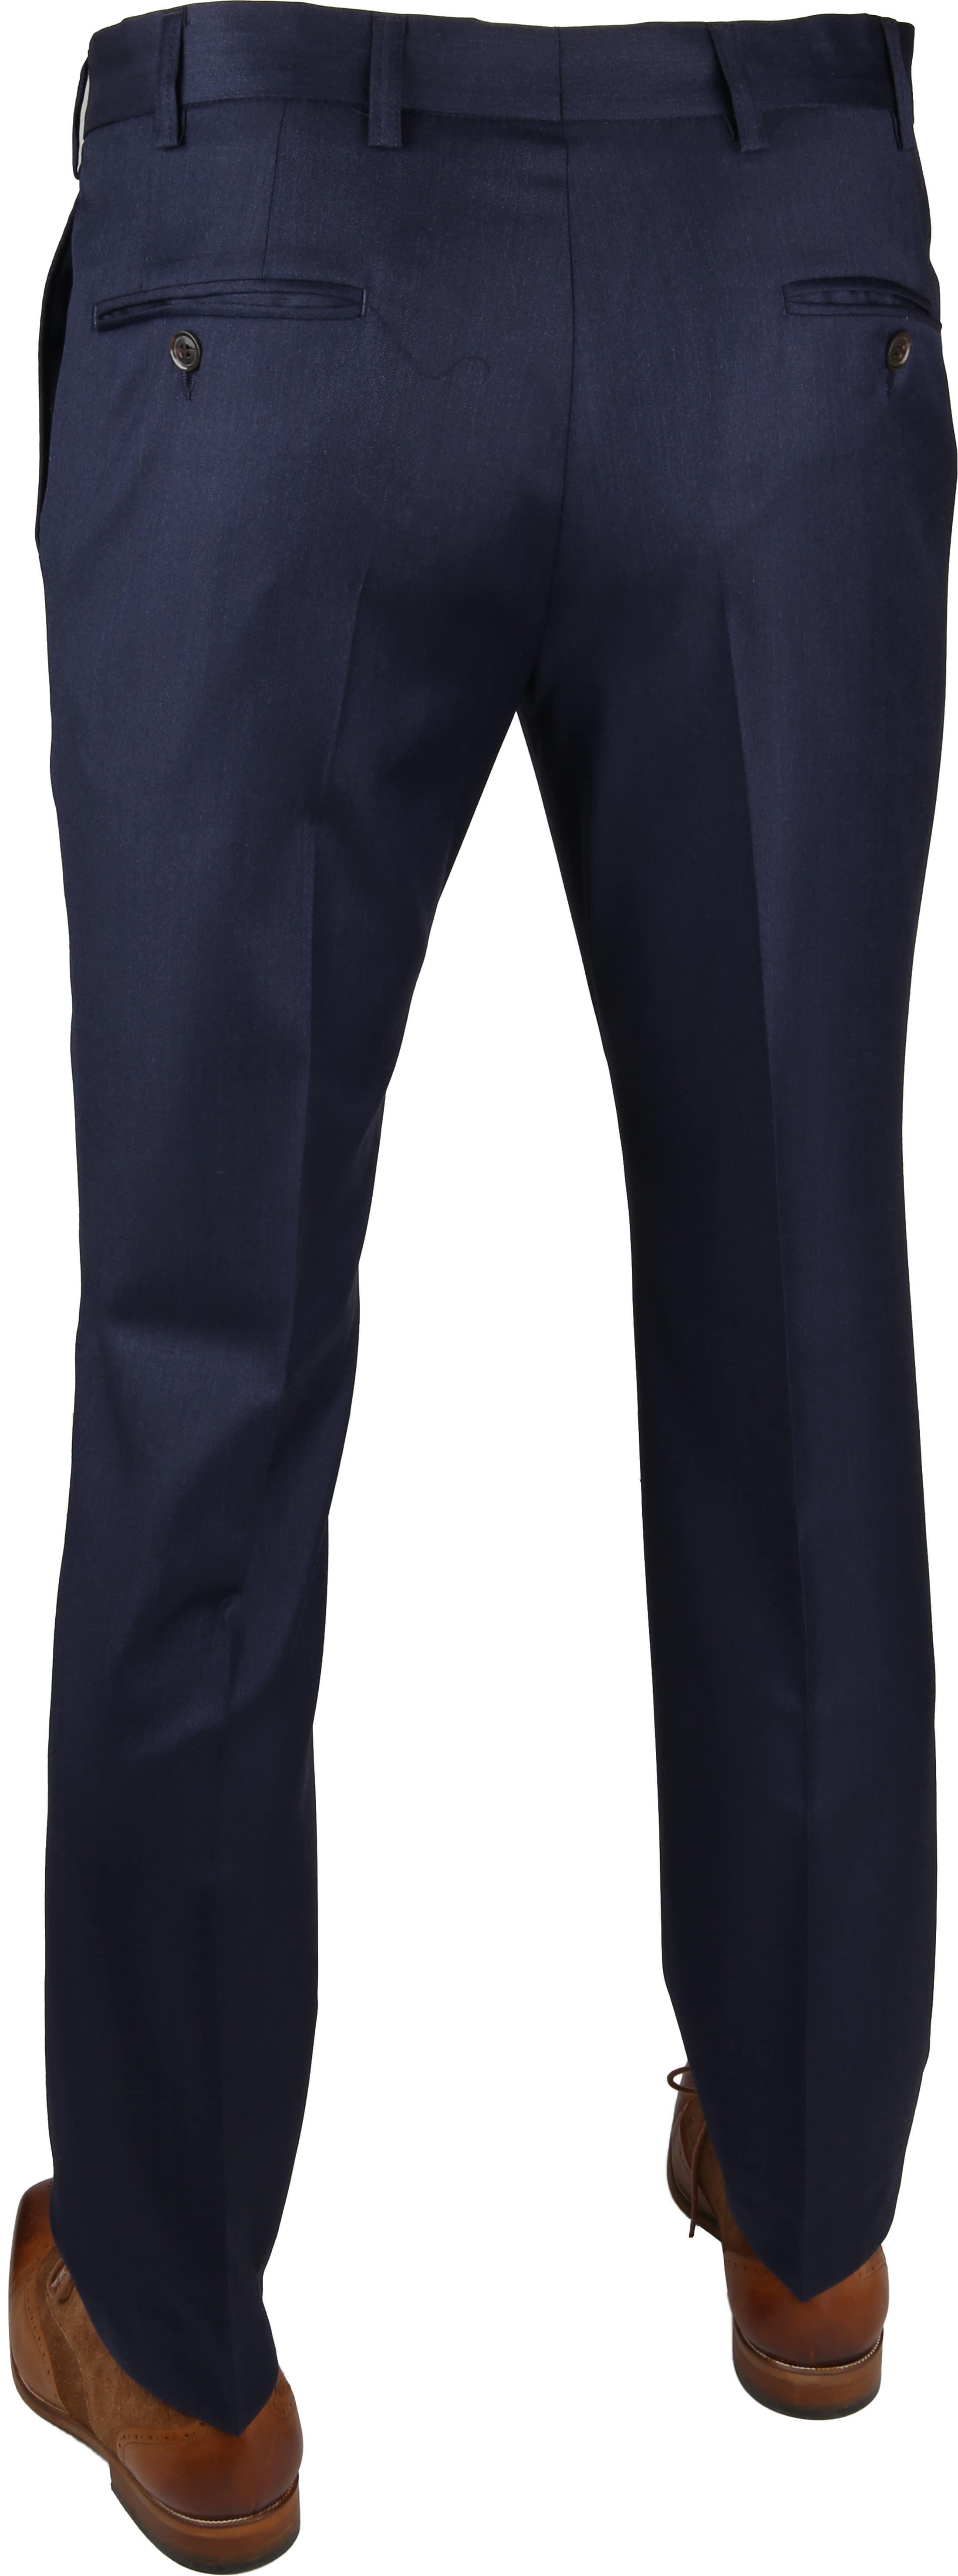 Suitable Pantalon Evans Navy foto 3